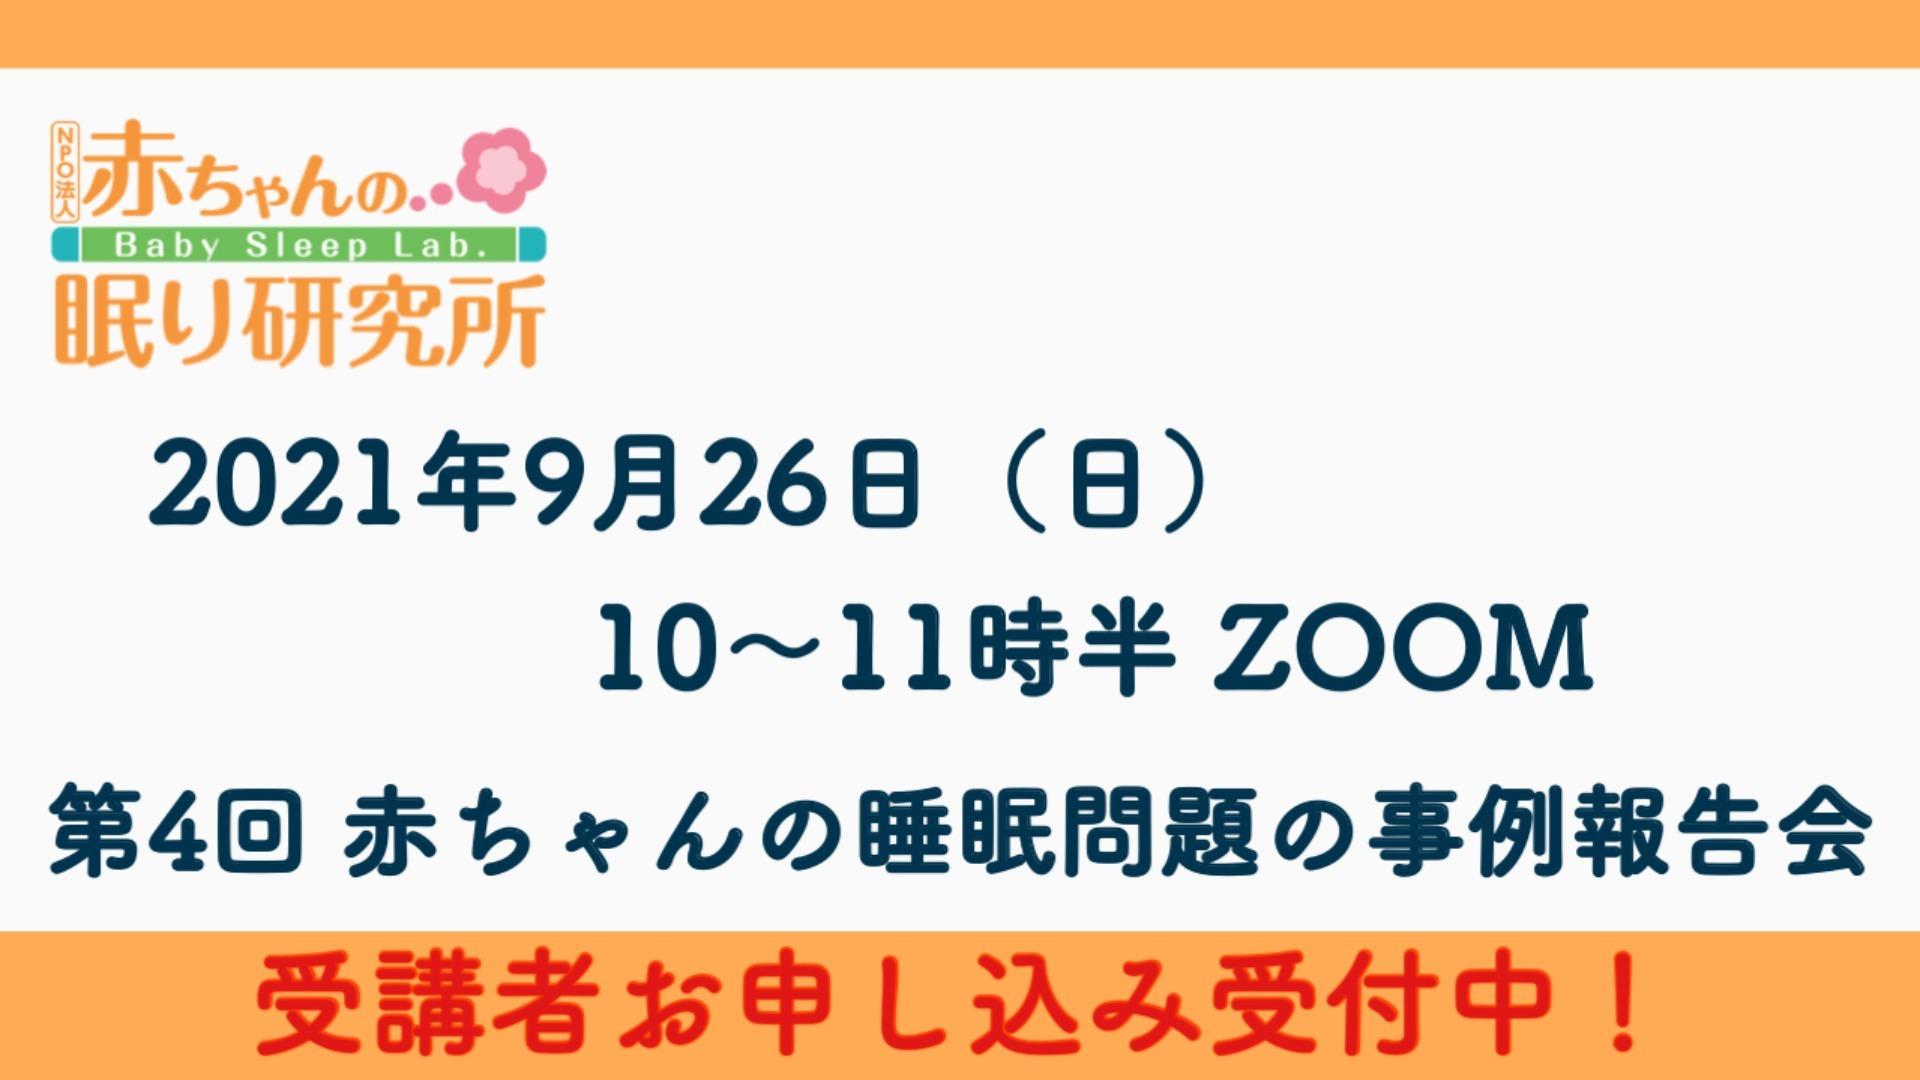 【参加者募集中】9/26(日)第4回 赤ちゃんの睡眠問題の事例報告会